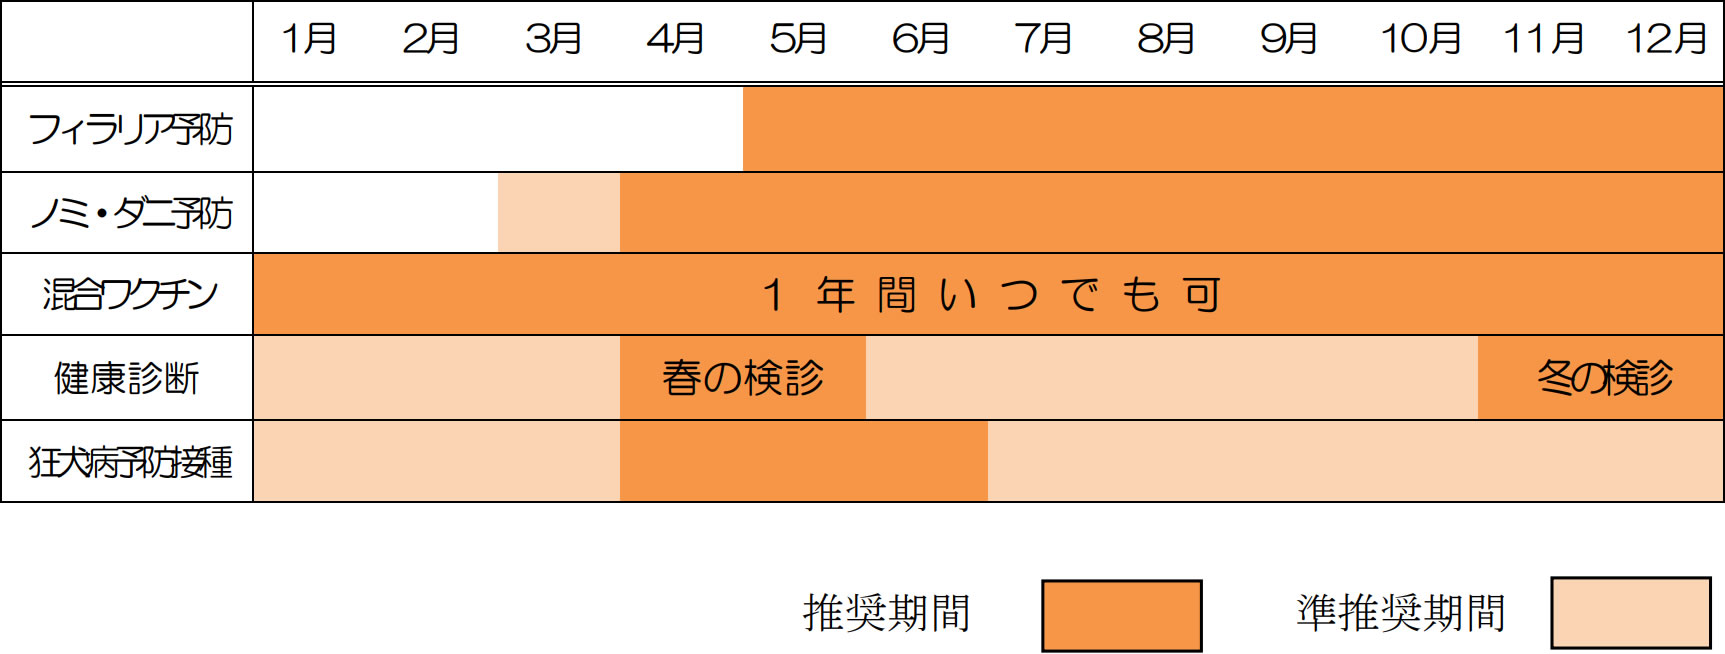 ワンちゃんの年間予防スケジュール表